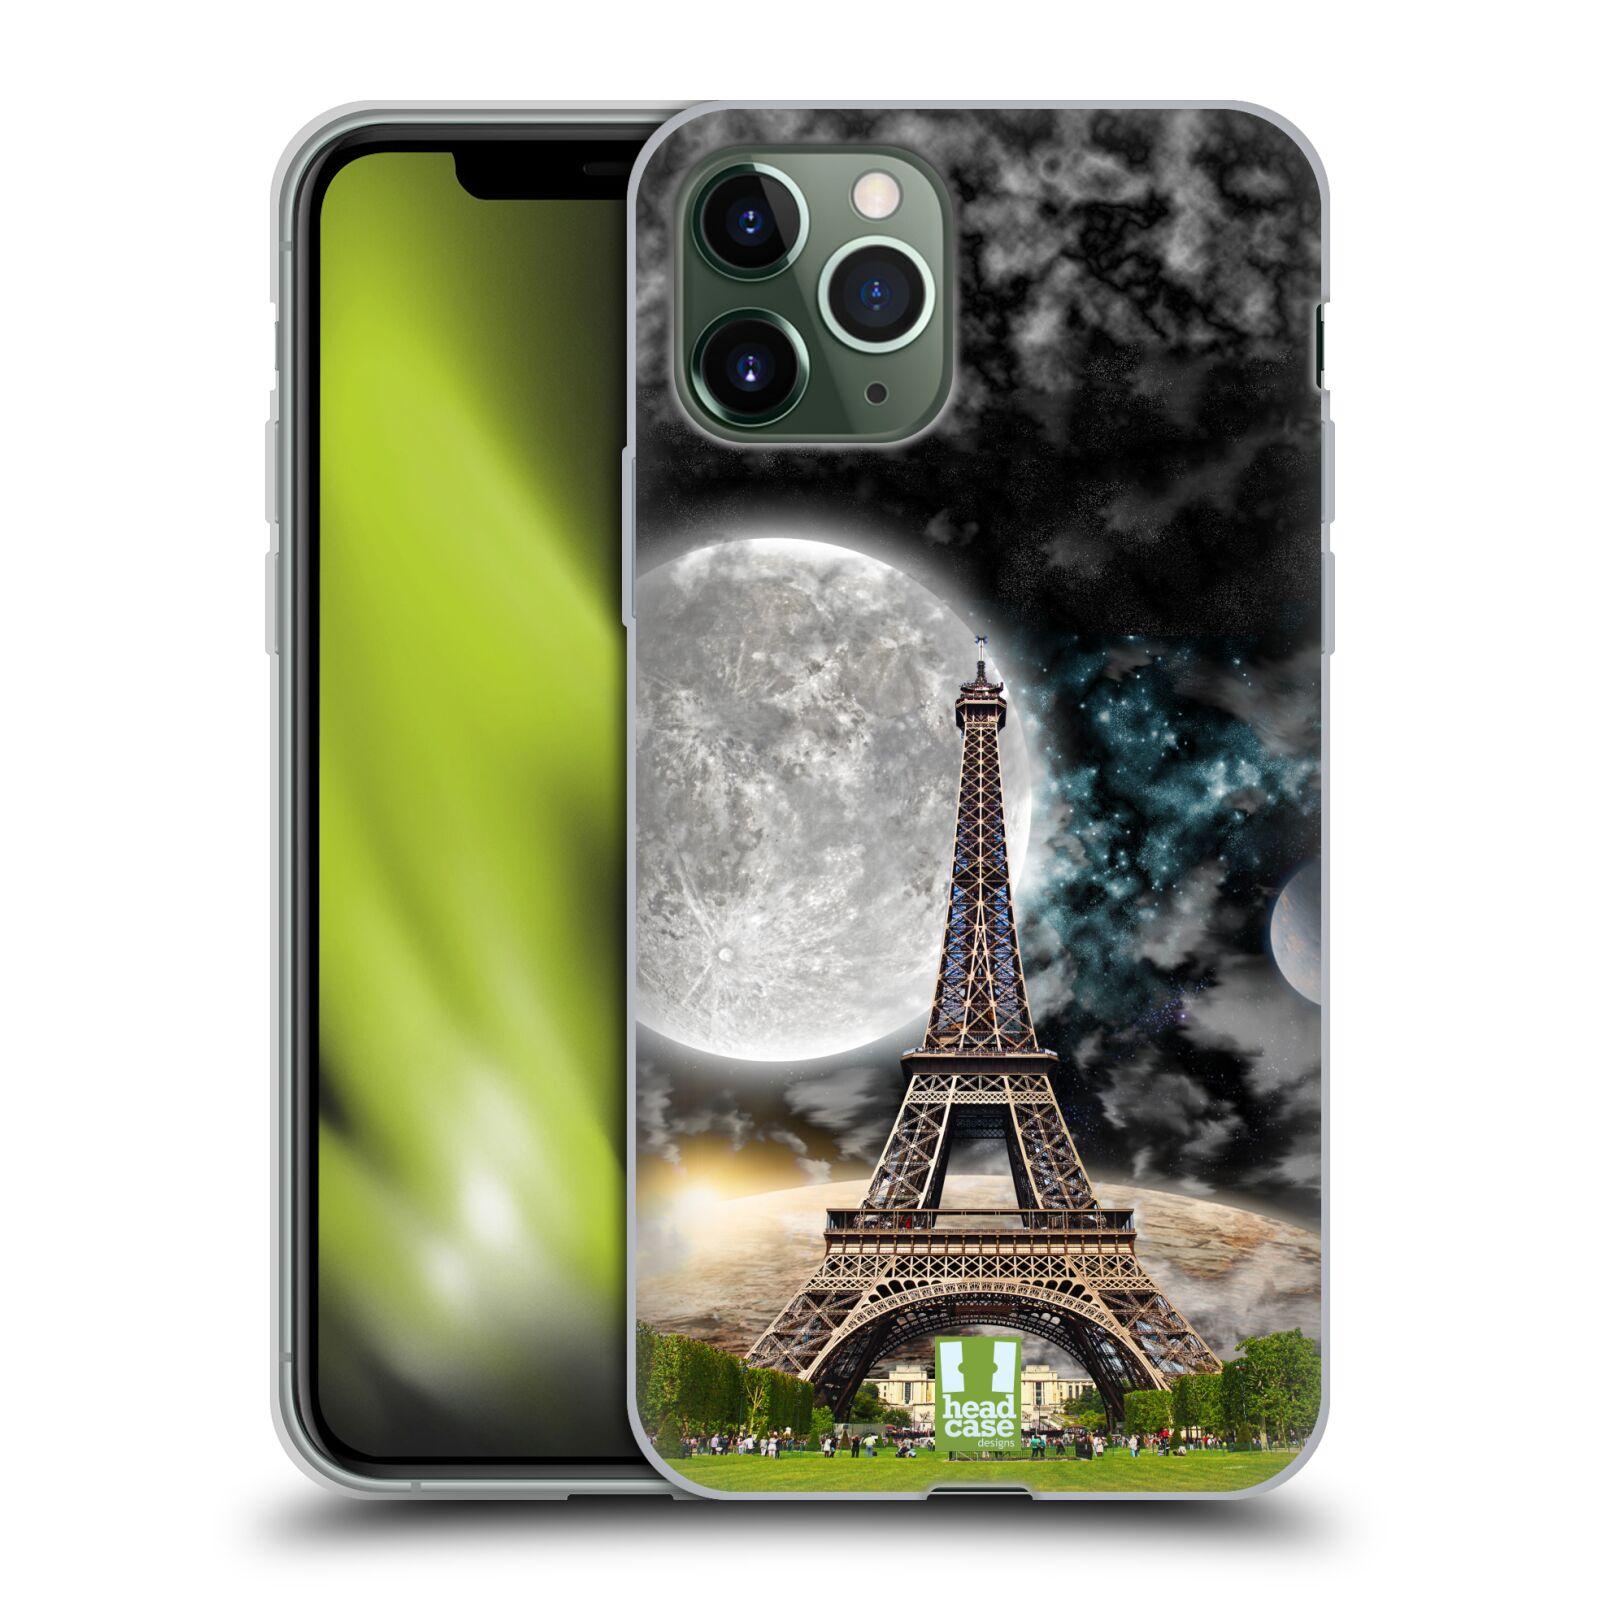 iphone obal bmw , Silikonové pouzdro na mobil Apple iPhone 11 Pro - Head Case - Měsíční aifelovka